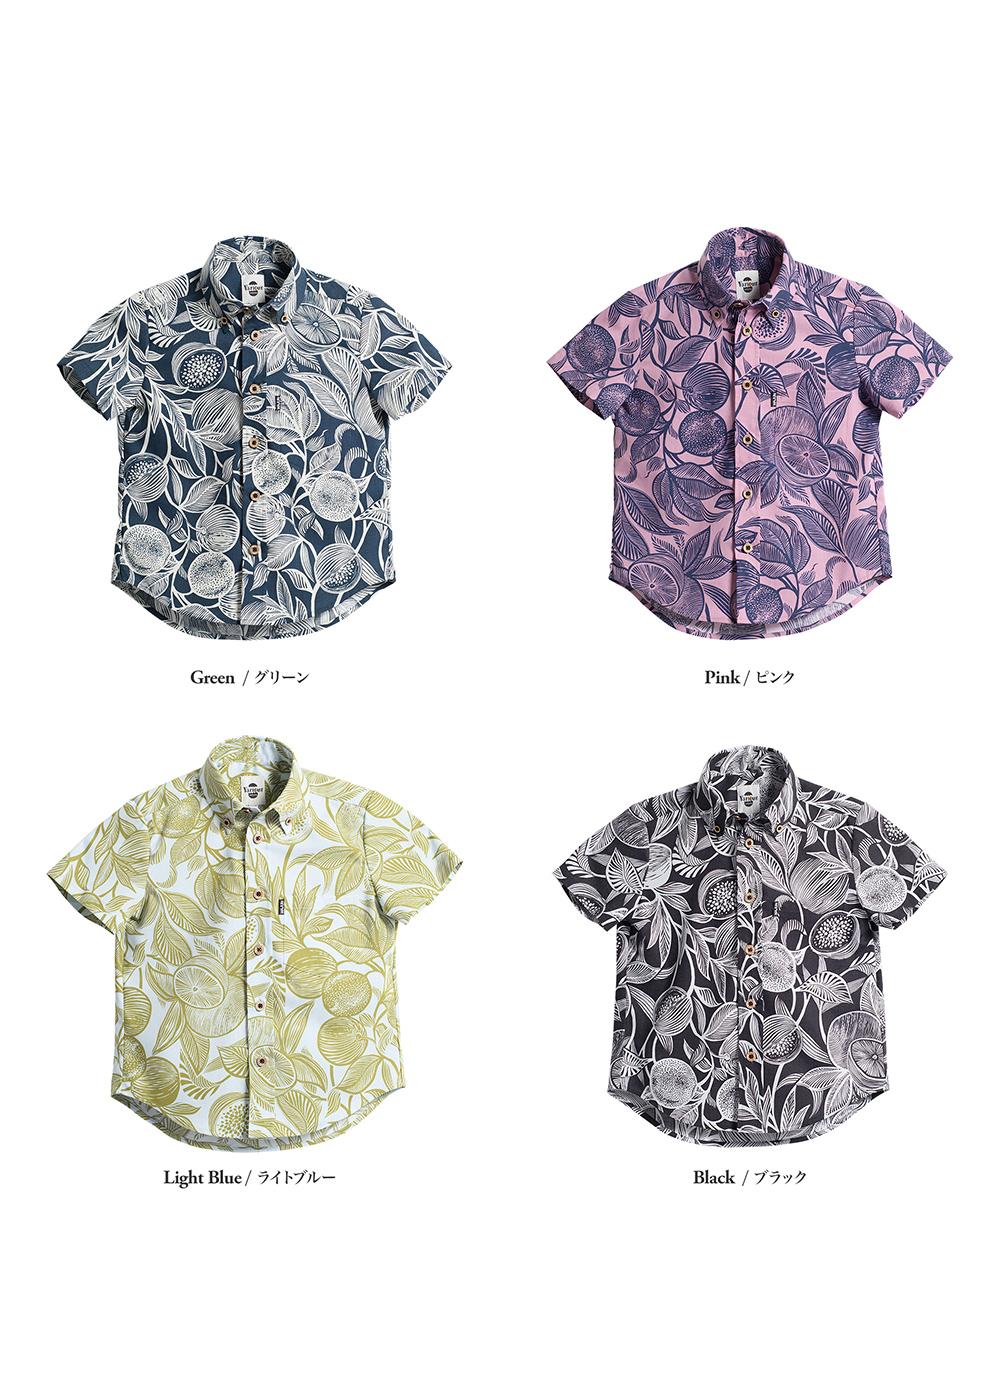 かりゆしウェア(沖縄版アロハシャツ) MAJUN - クラッシーフルーツ(キッズシャツ)